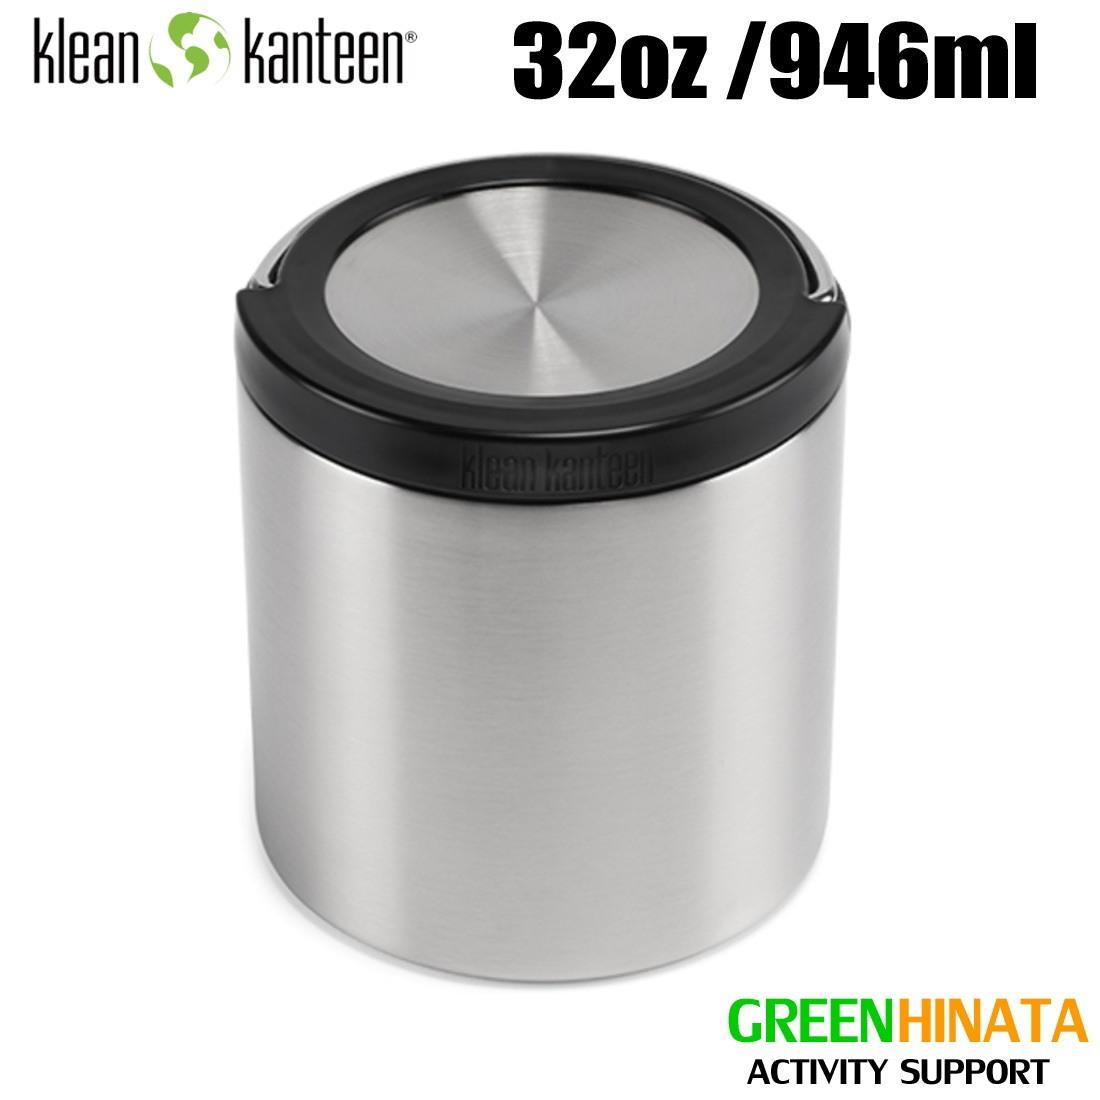 クリーンカンティーン TKキャニスター 32oz 保温 フードポット  国内正規品